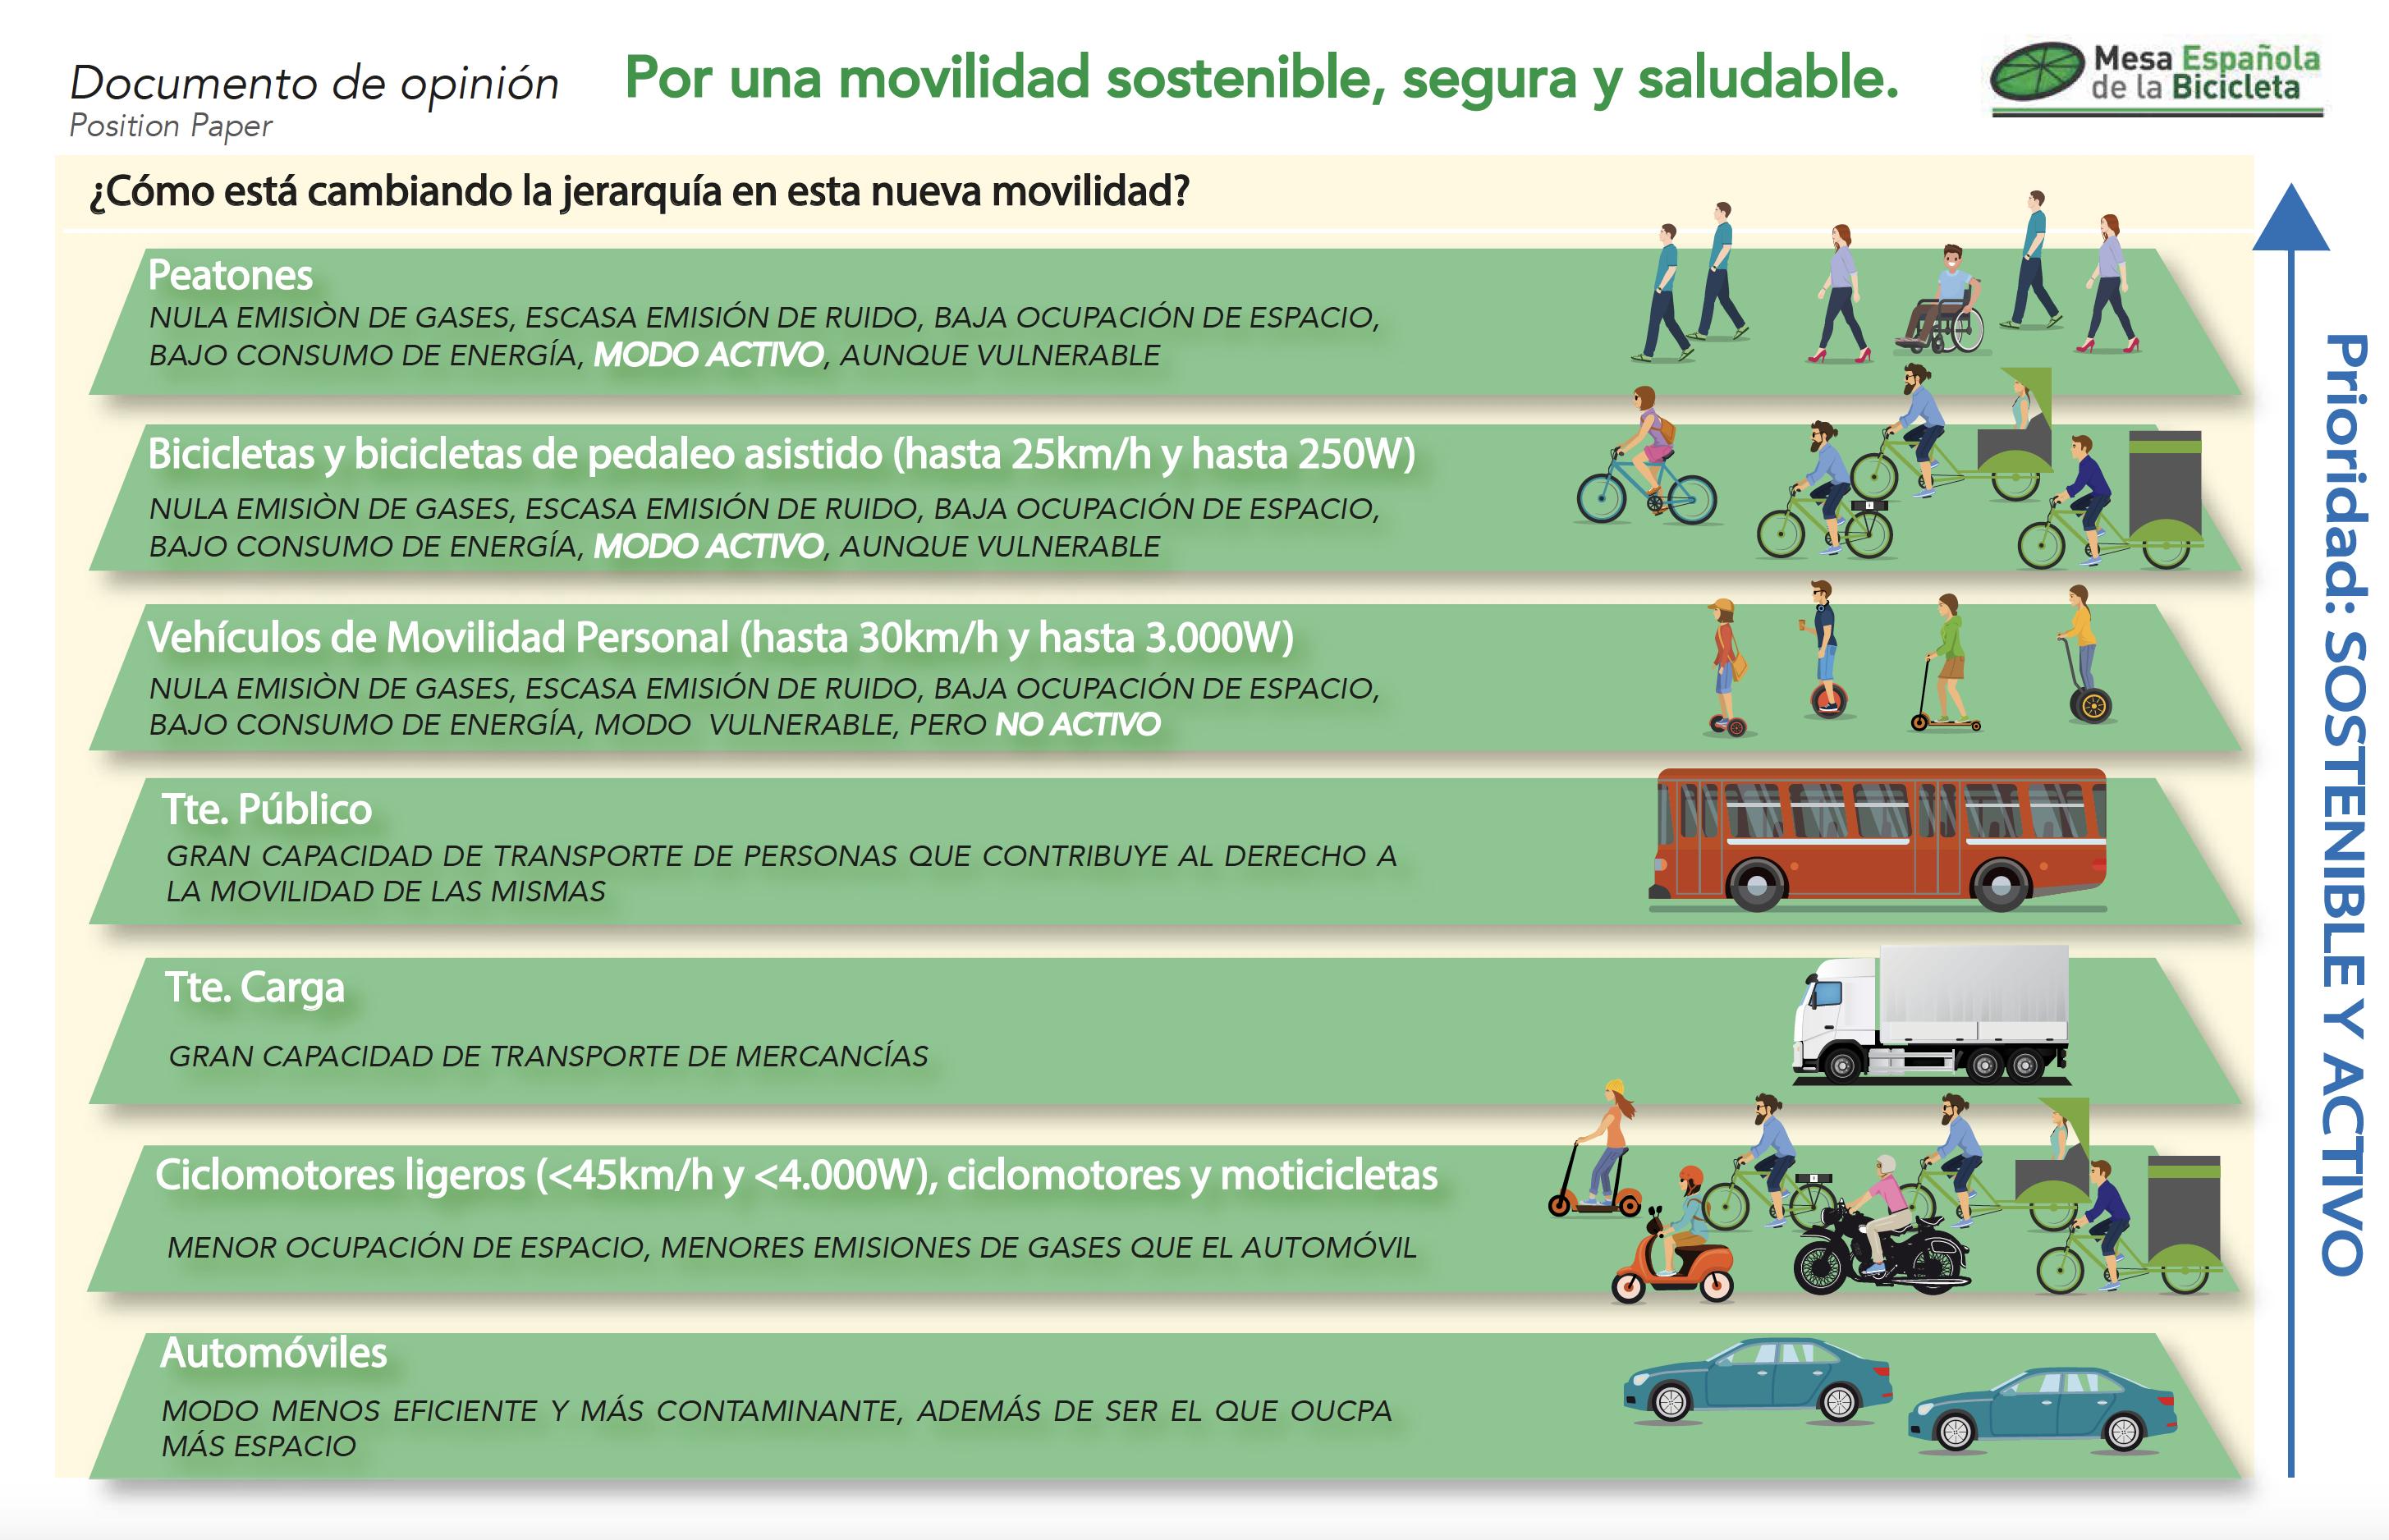 Los distintos tipos de movilidad jerarquizados por más saludables sostenibles y activos.